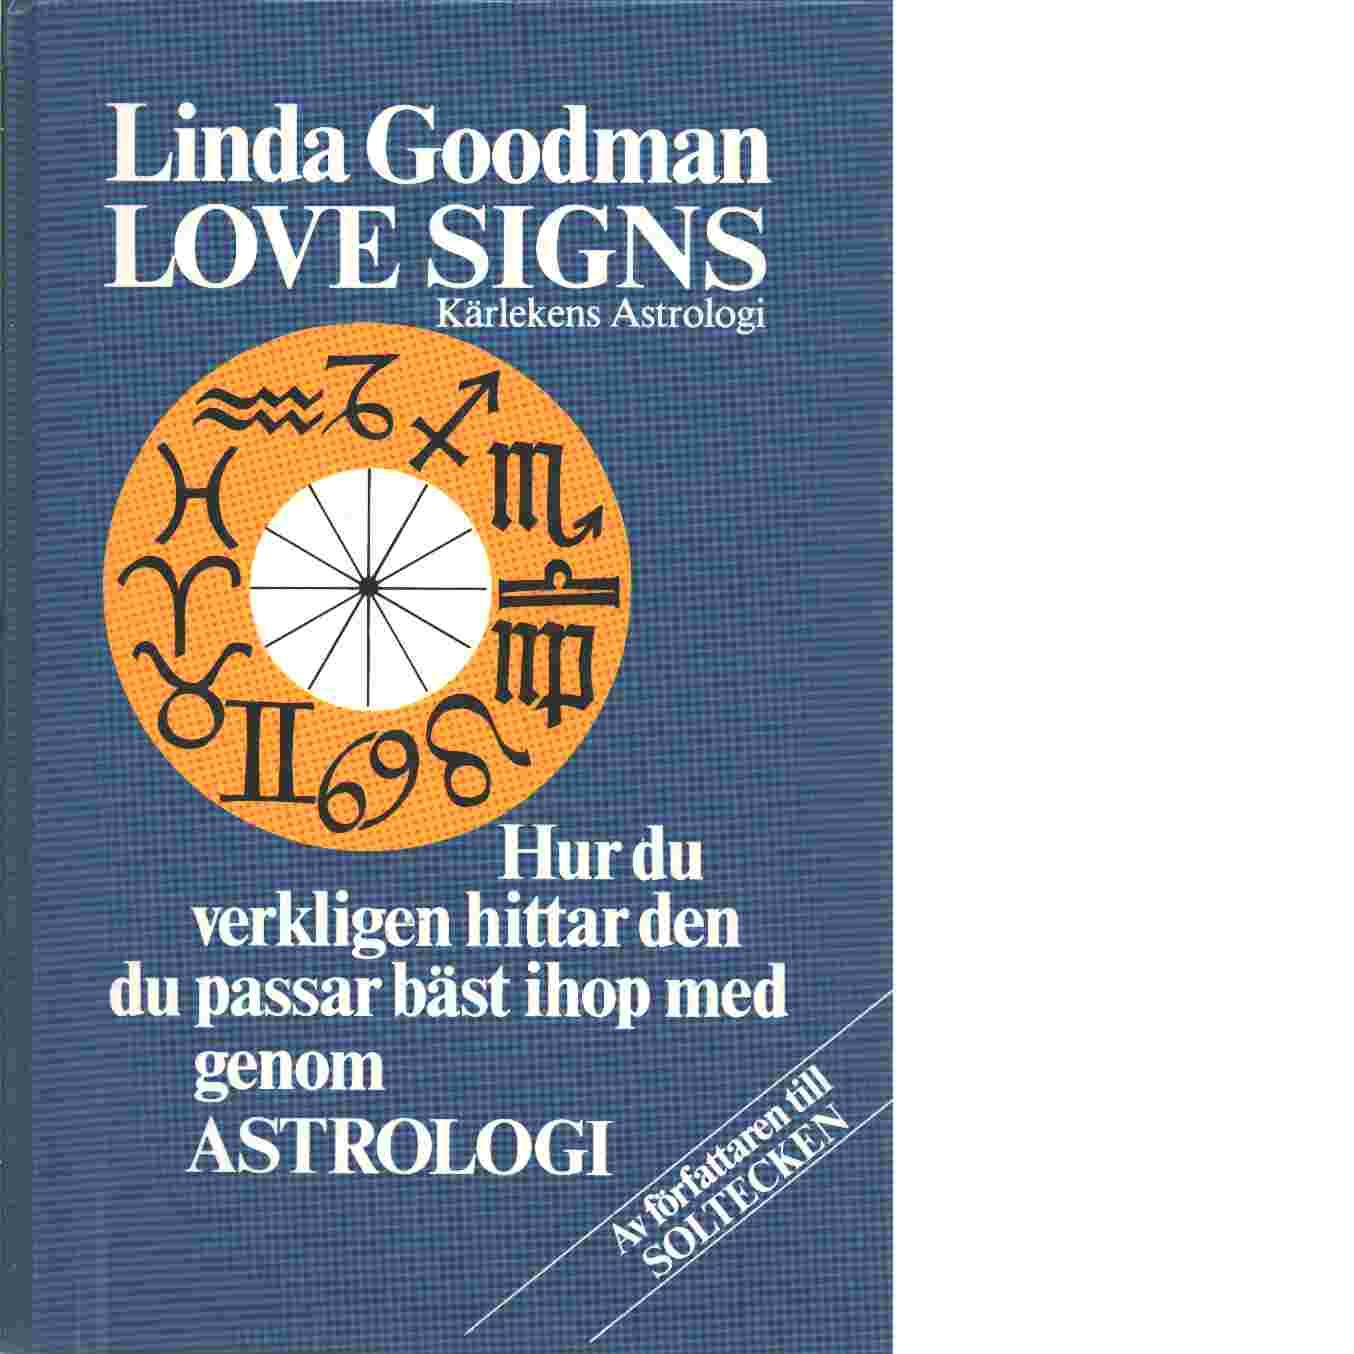 Love Signs. Kärlekens astrologi : Vem passar du bäst ihop med? - Goodman, Linda